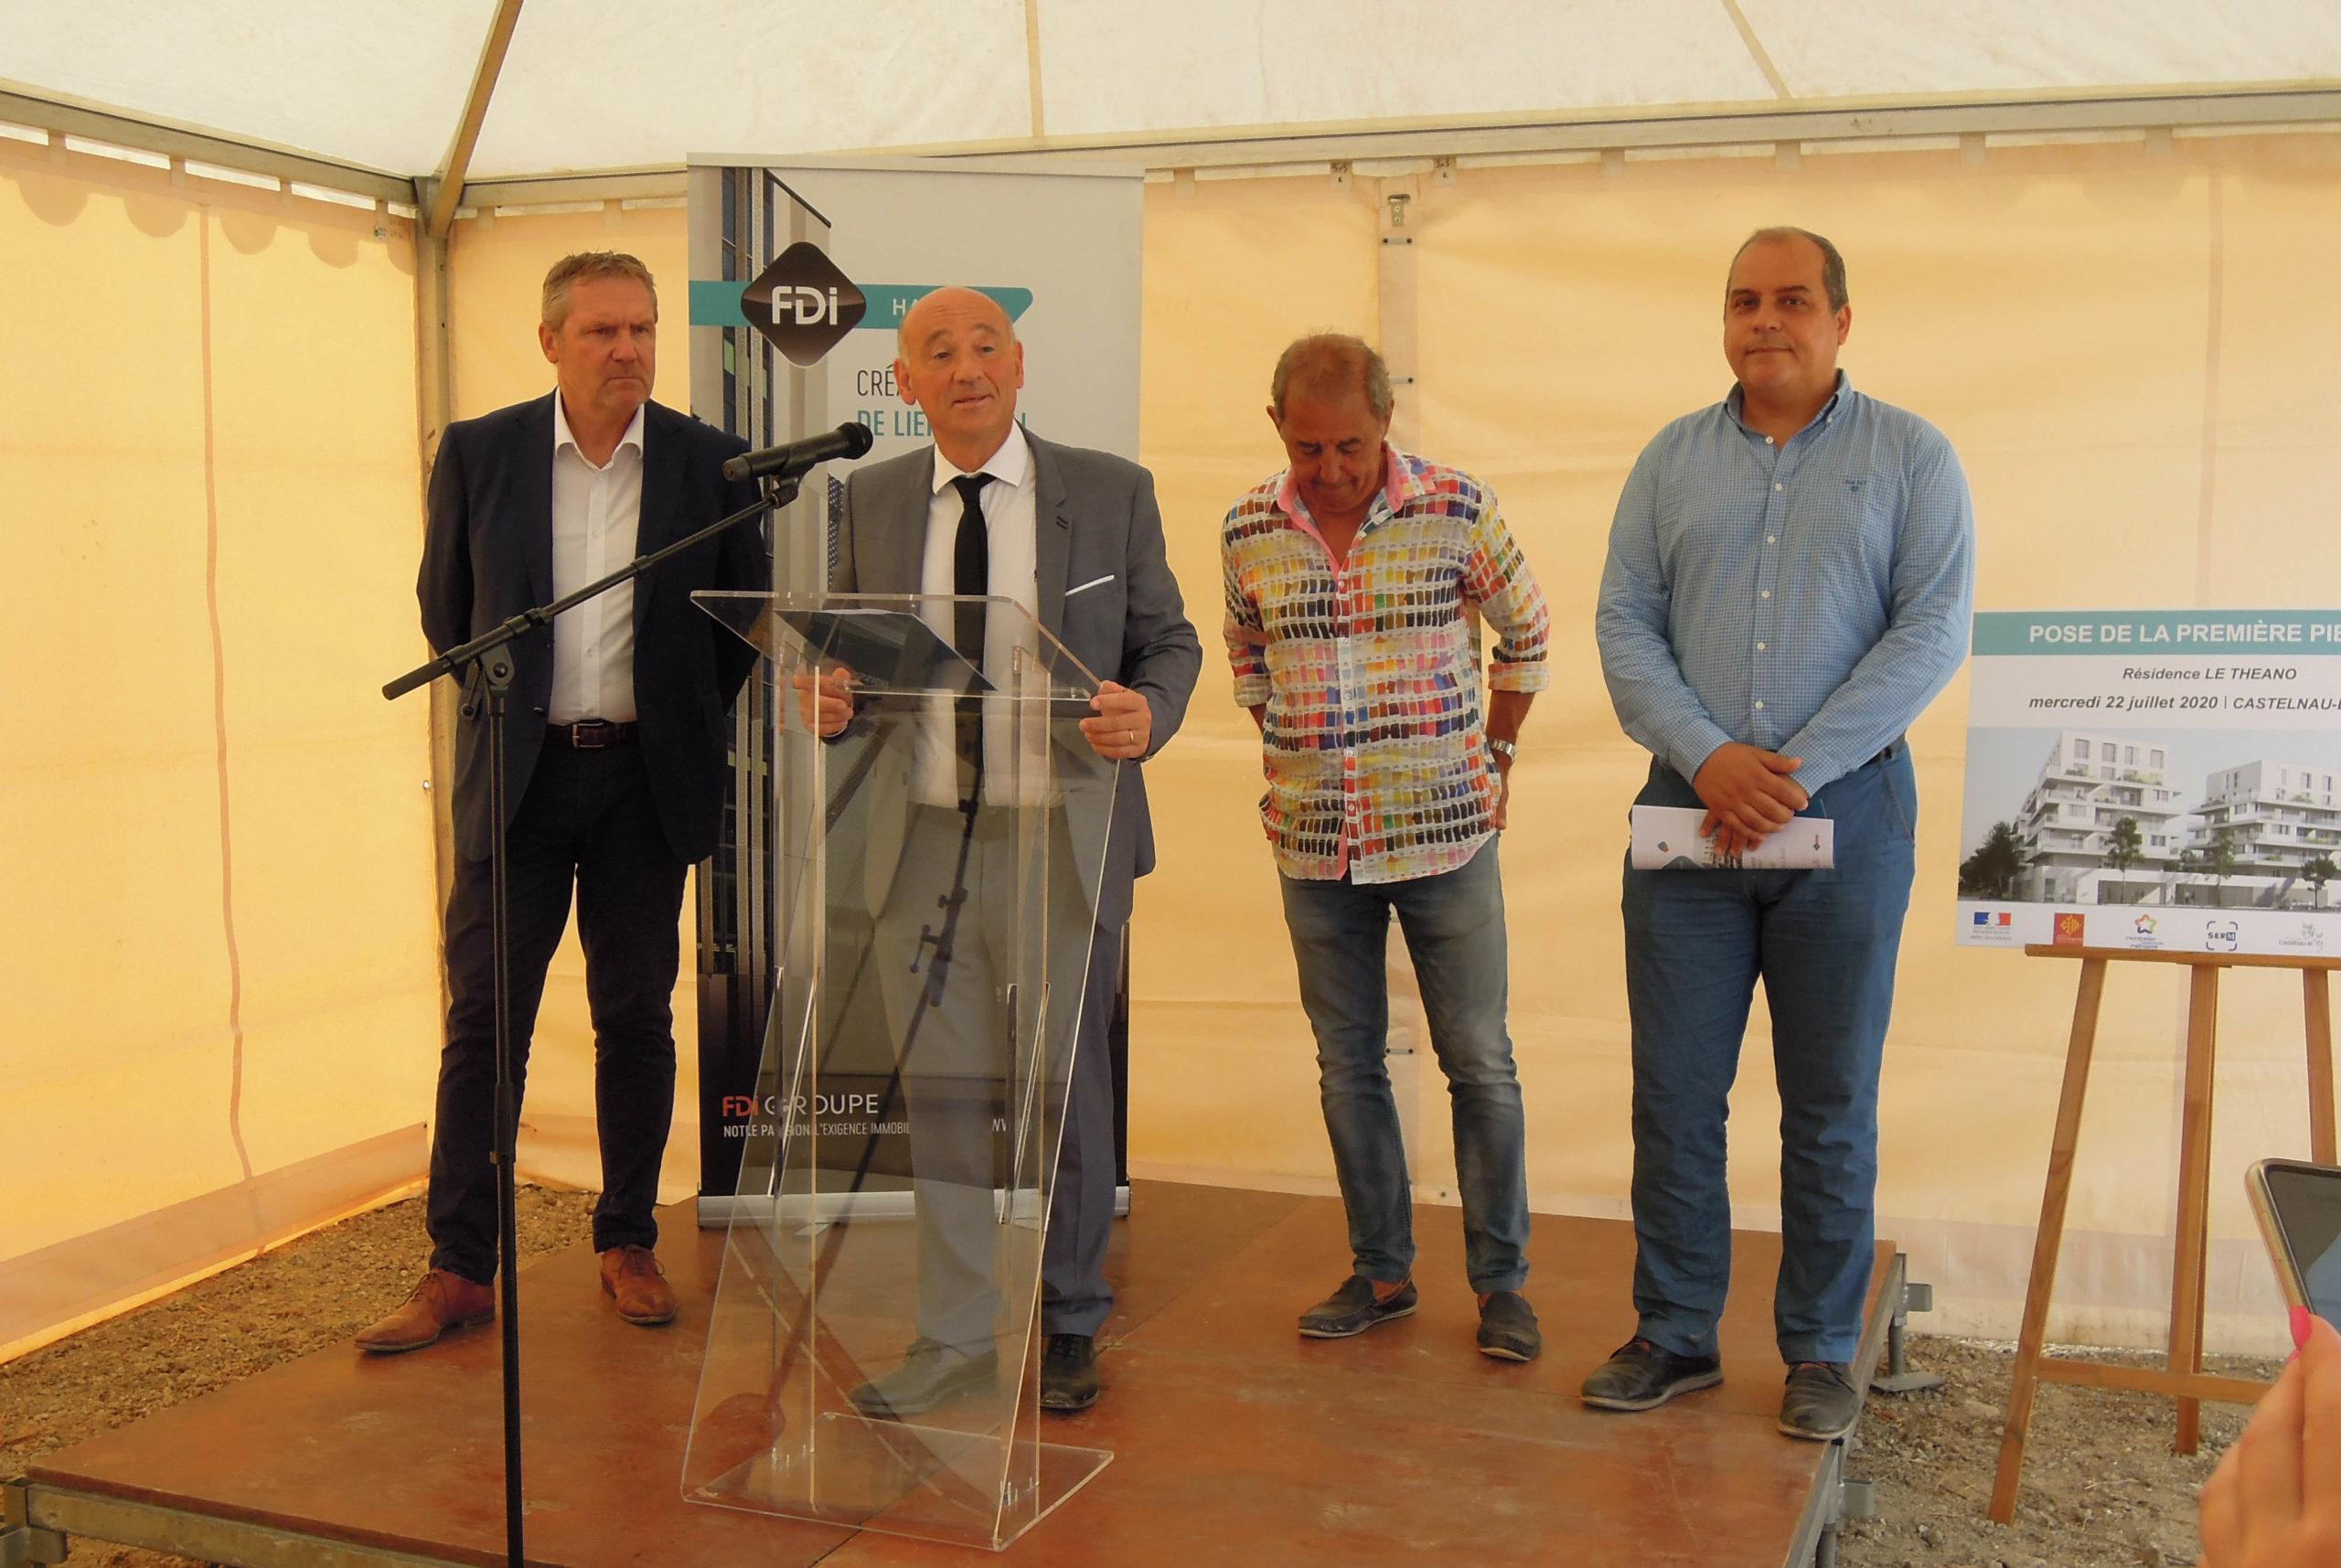 prise de parole de M. , Maire de Castelnau le Lez